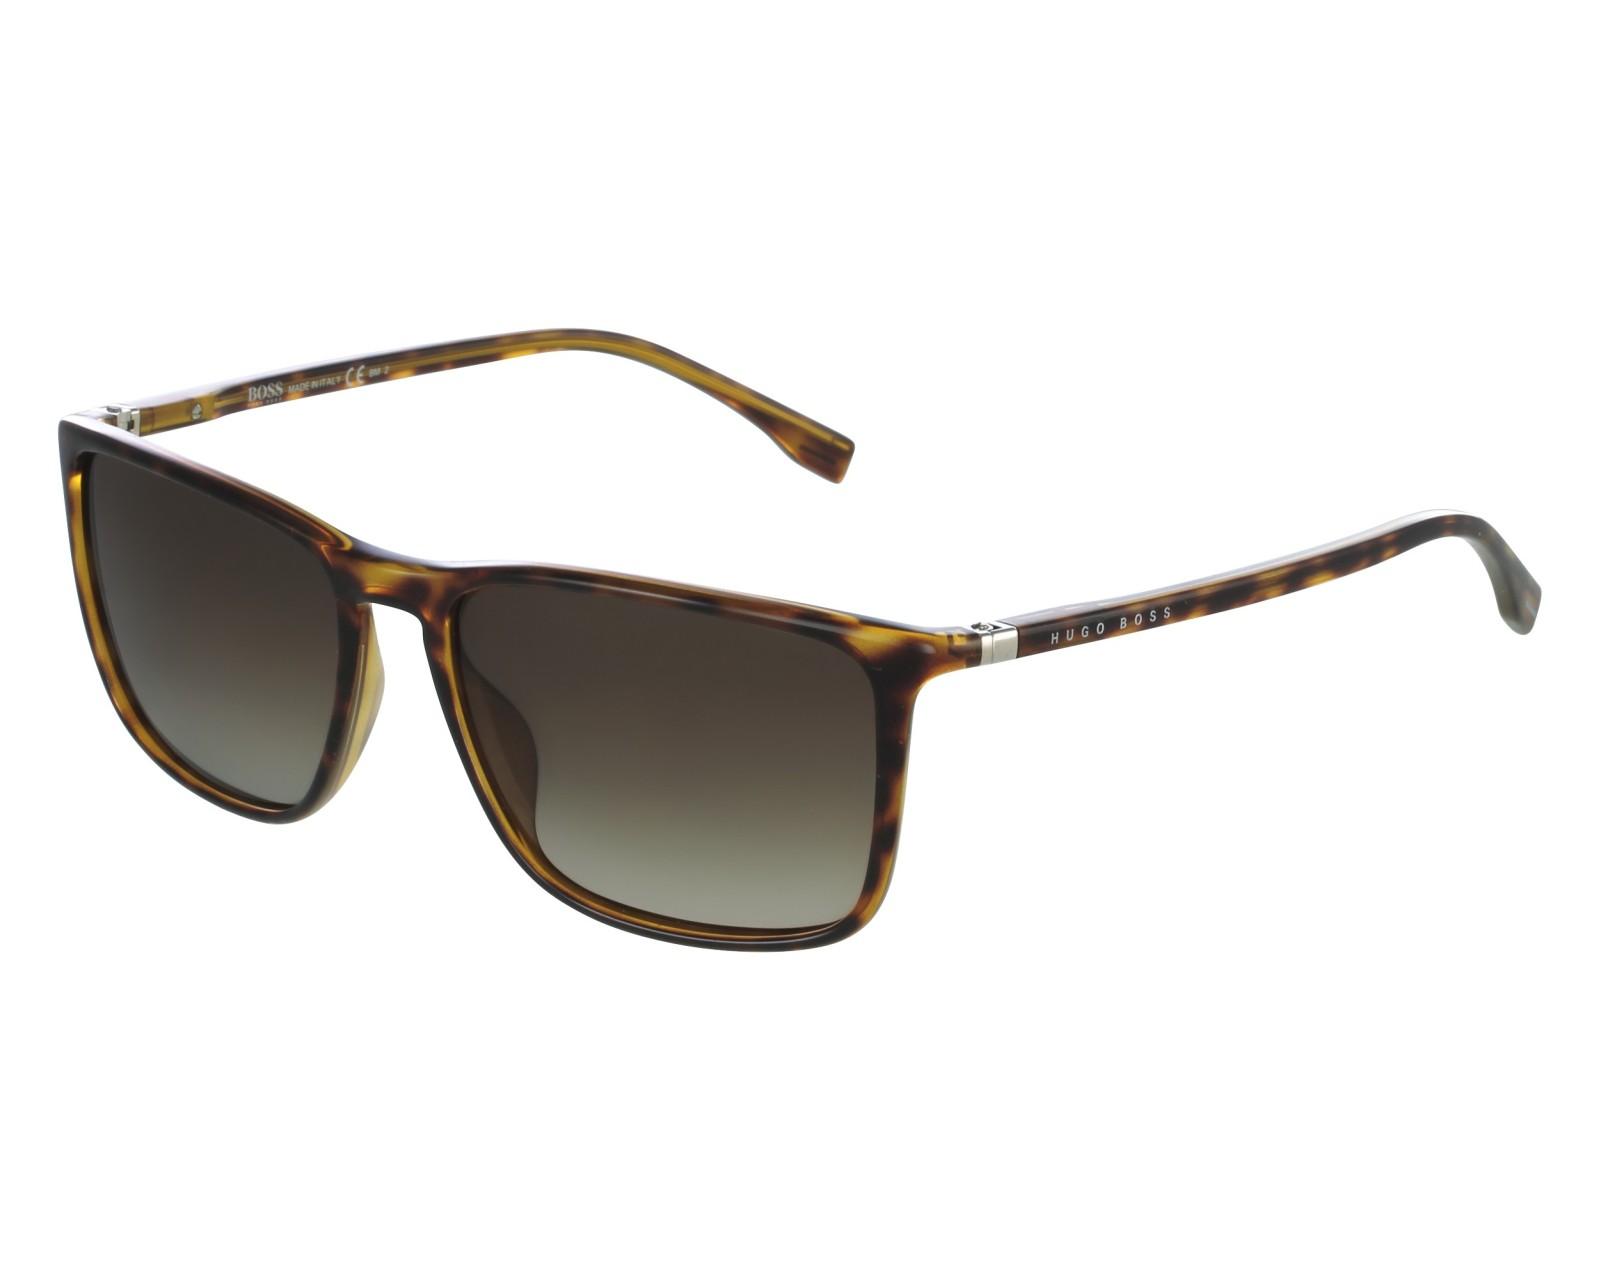 dbca1f6dd89c0 Gafas de sol Hugo Boss BOSS-0665-S 086-HA - Havana vista